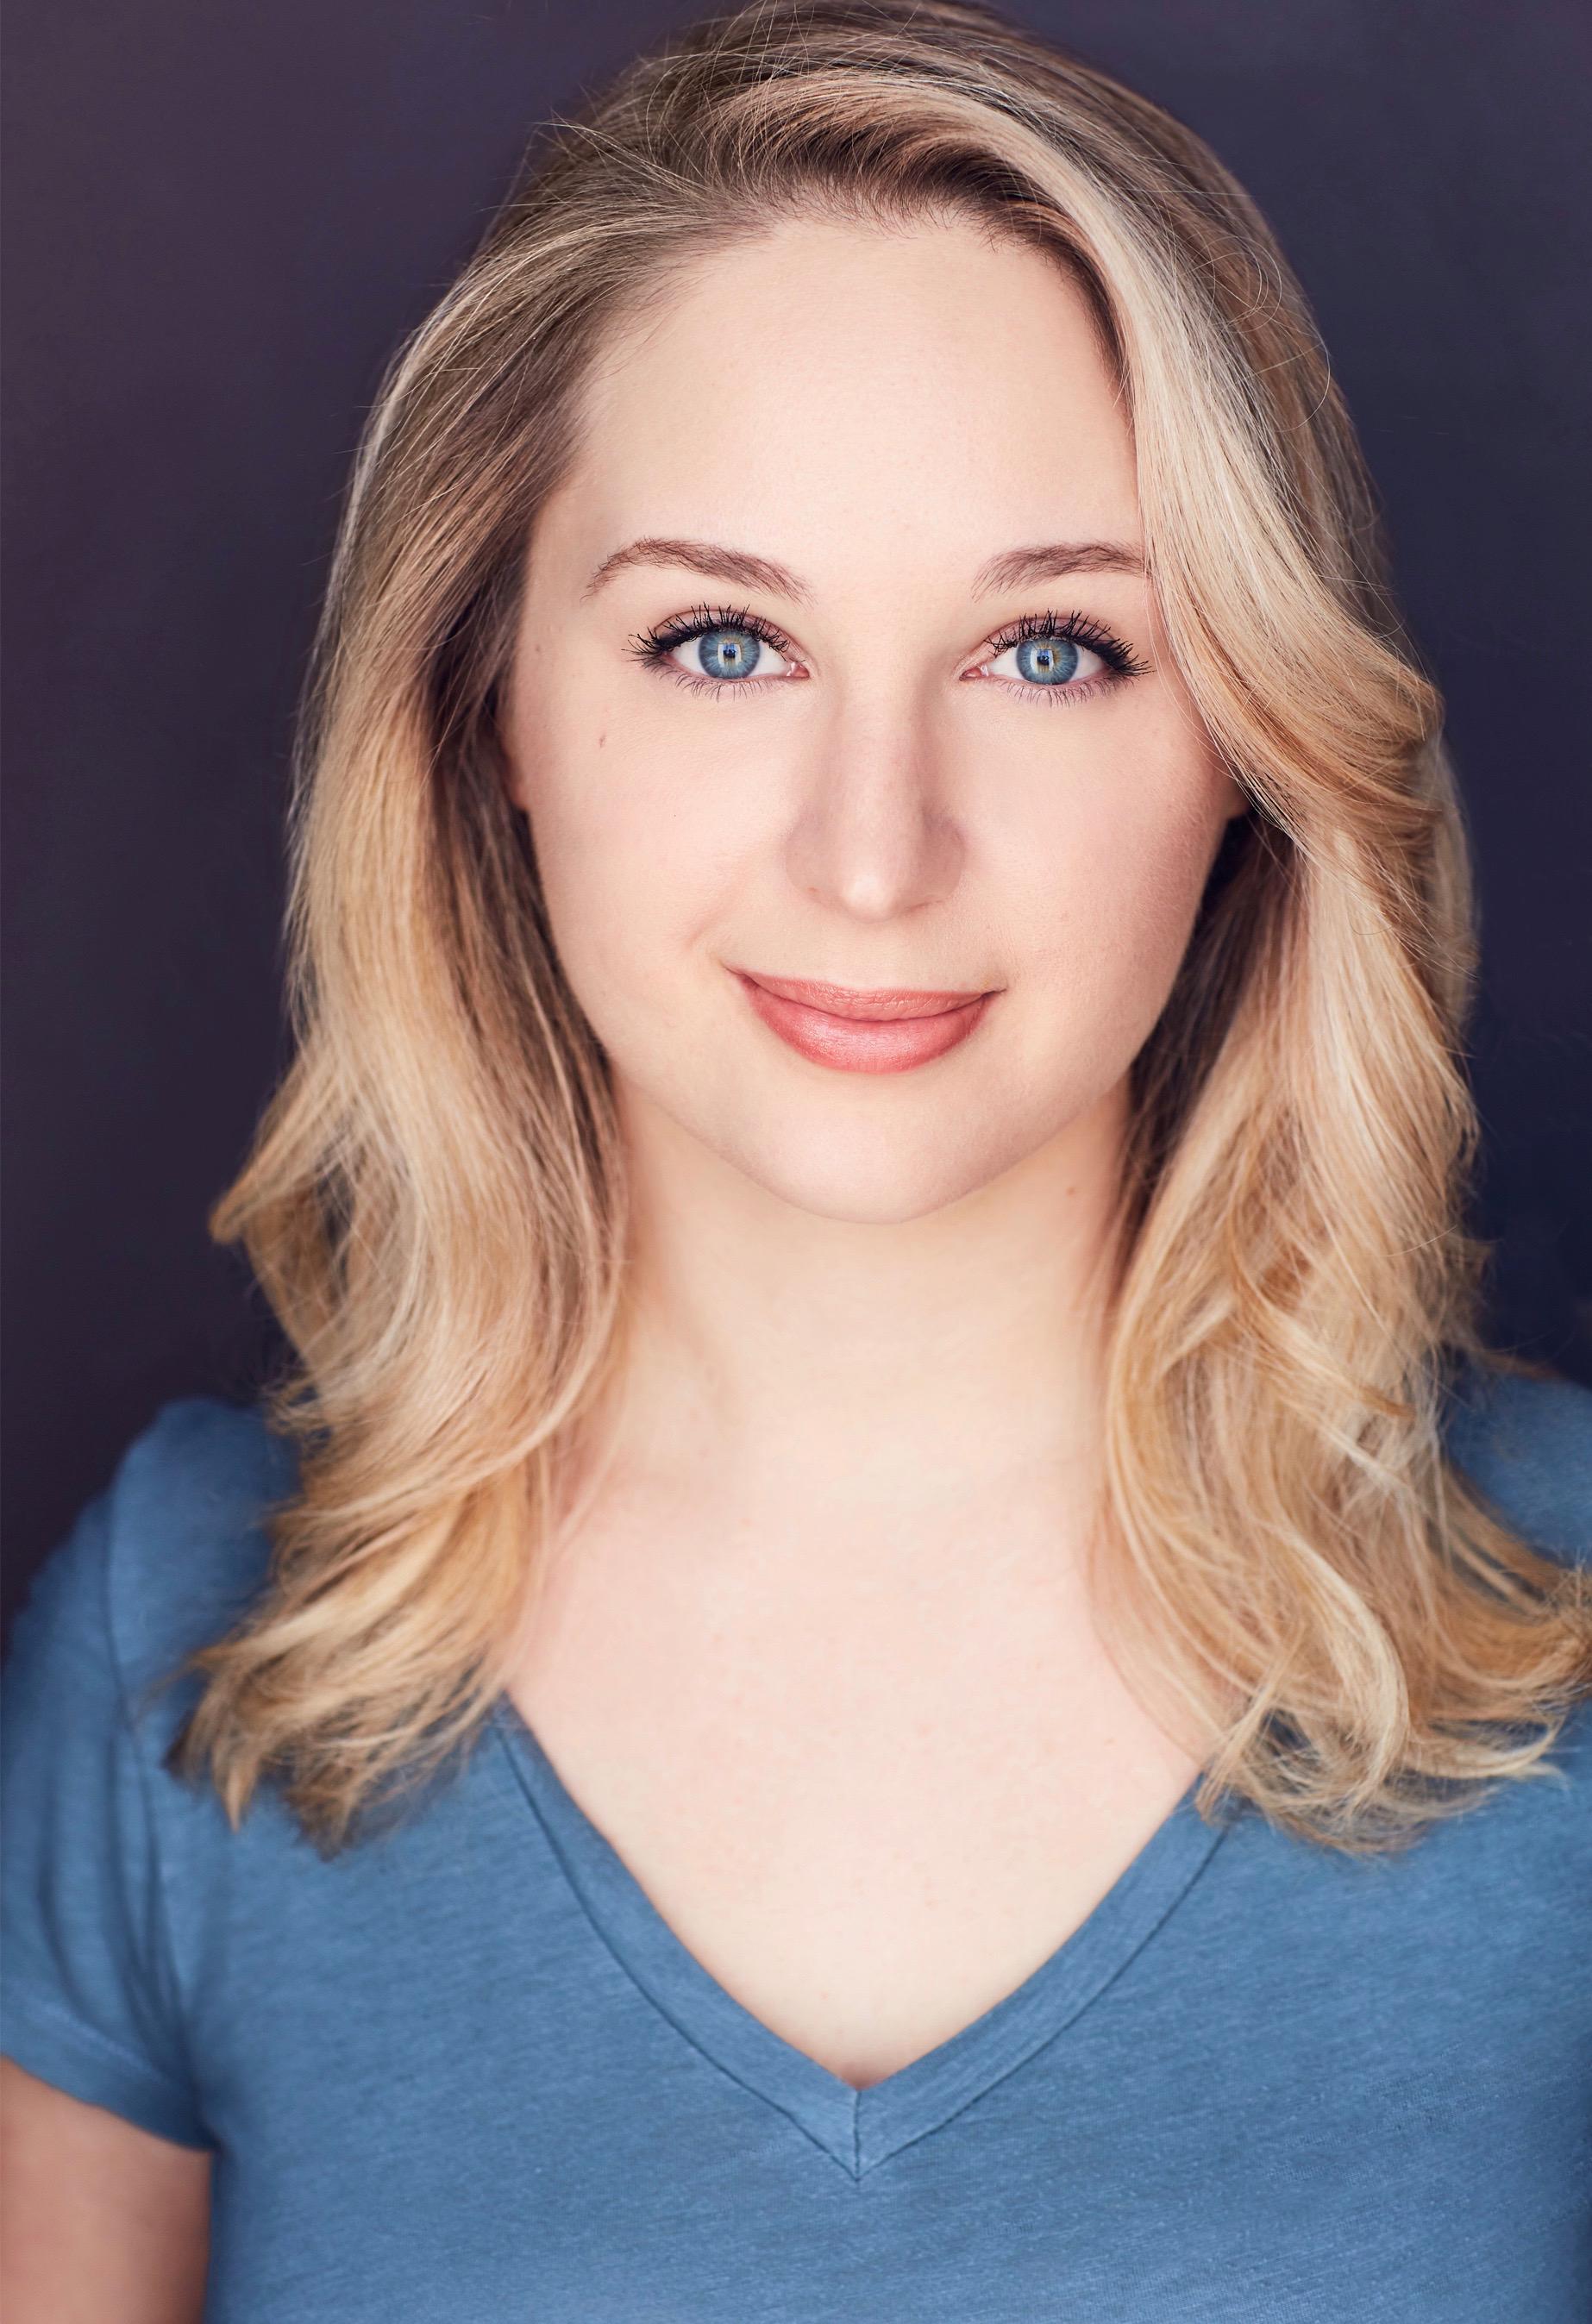 Allison Siko